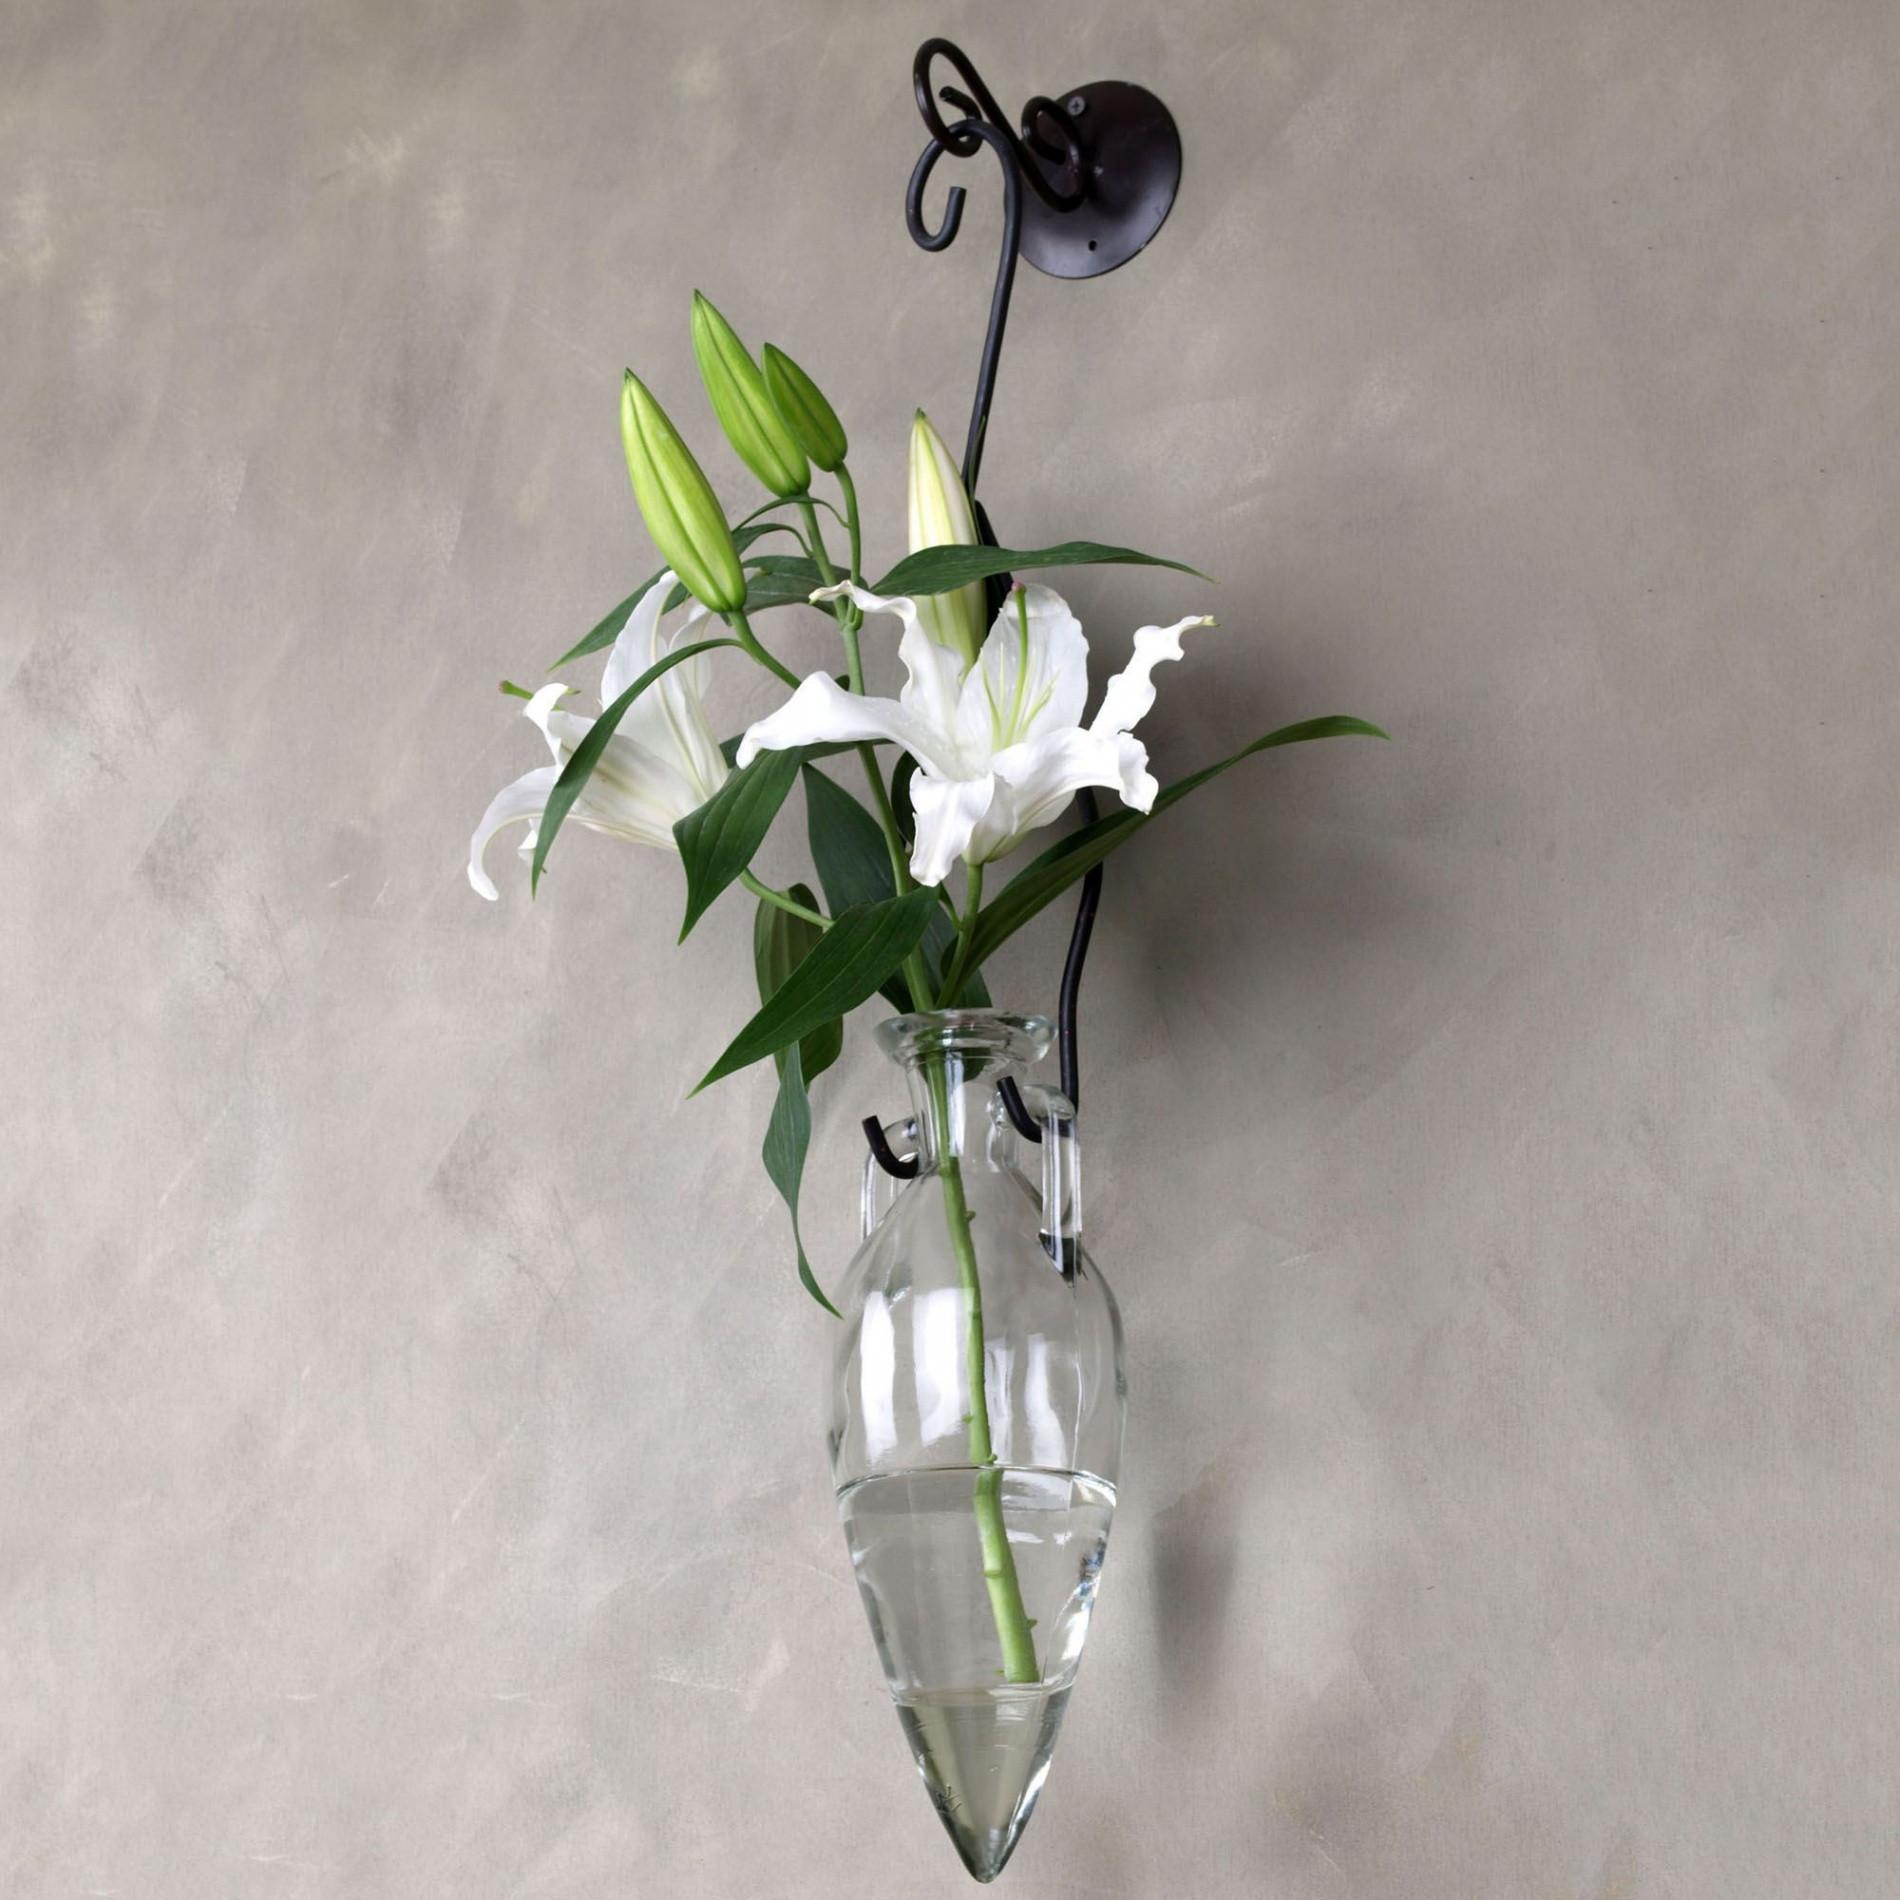 White Vases Hobby Lobby Of H Vases Wall Hanging Flower Vase Newspaper I 0d Scheme Wall Scheme with Regard to H Vases Wall Hanging Flower Vase Newspaper I 0d Scheme Wall Scheme Vase Blanc Deco